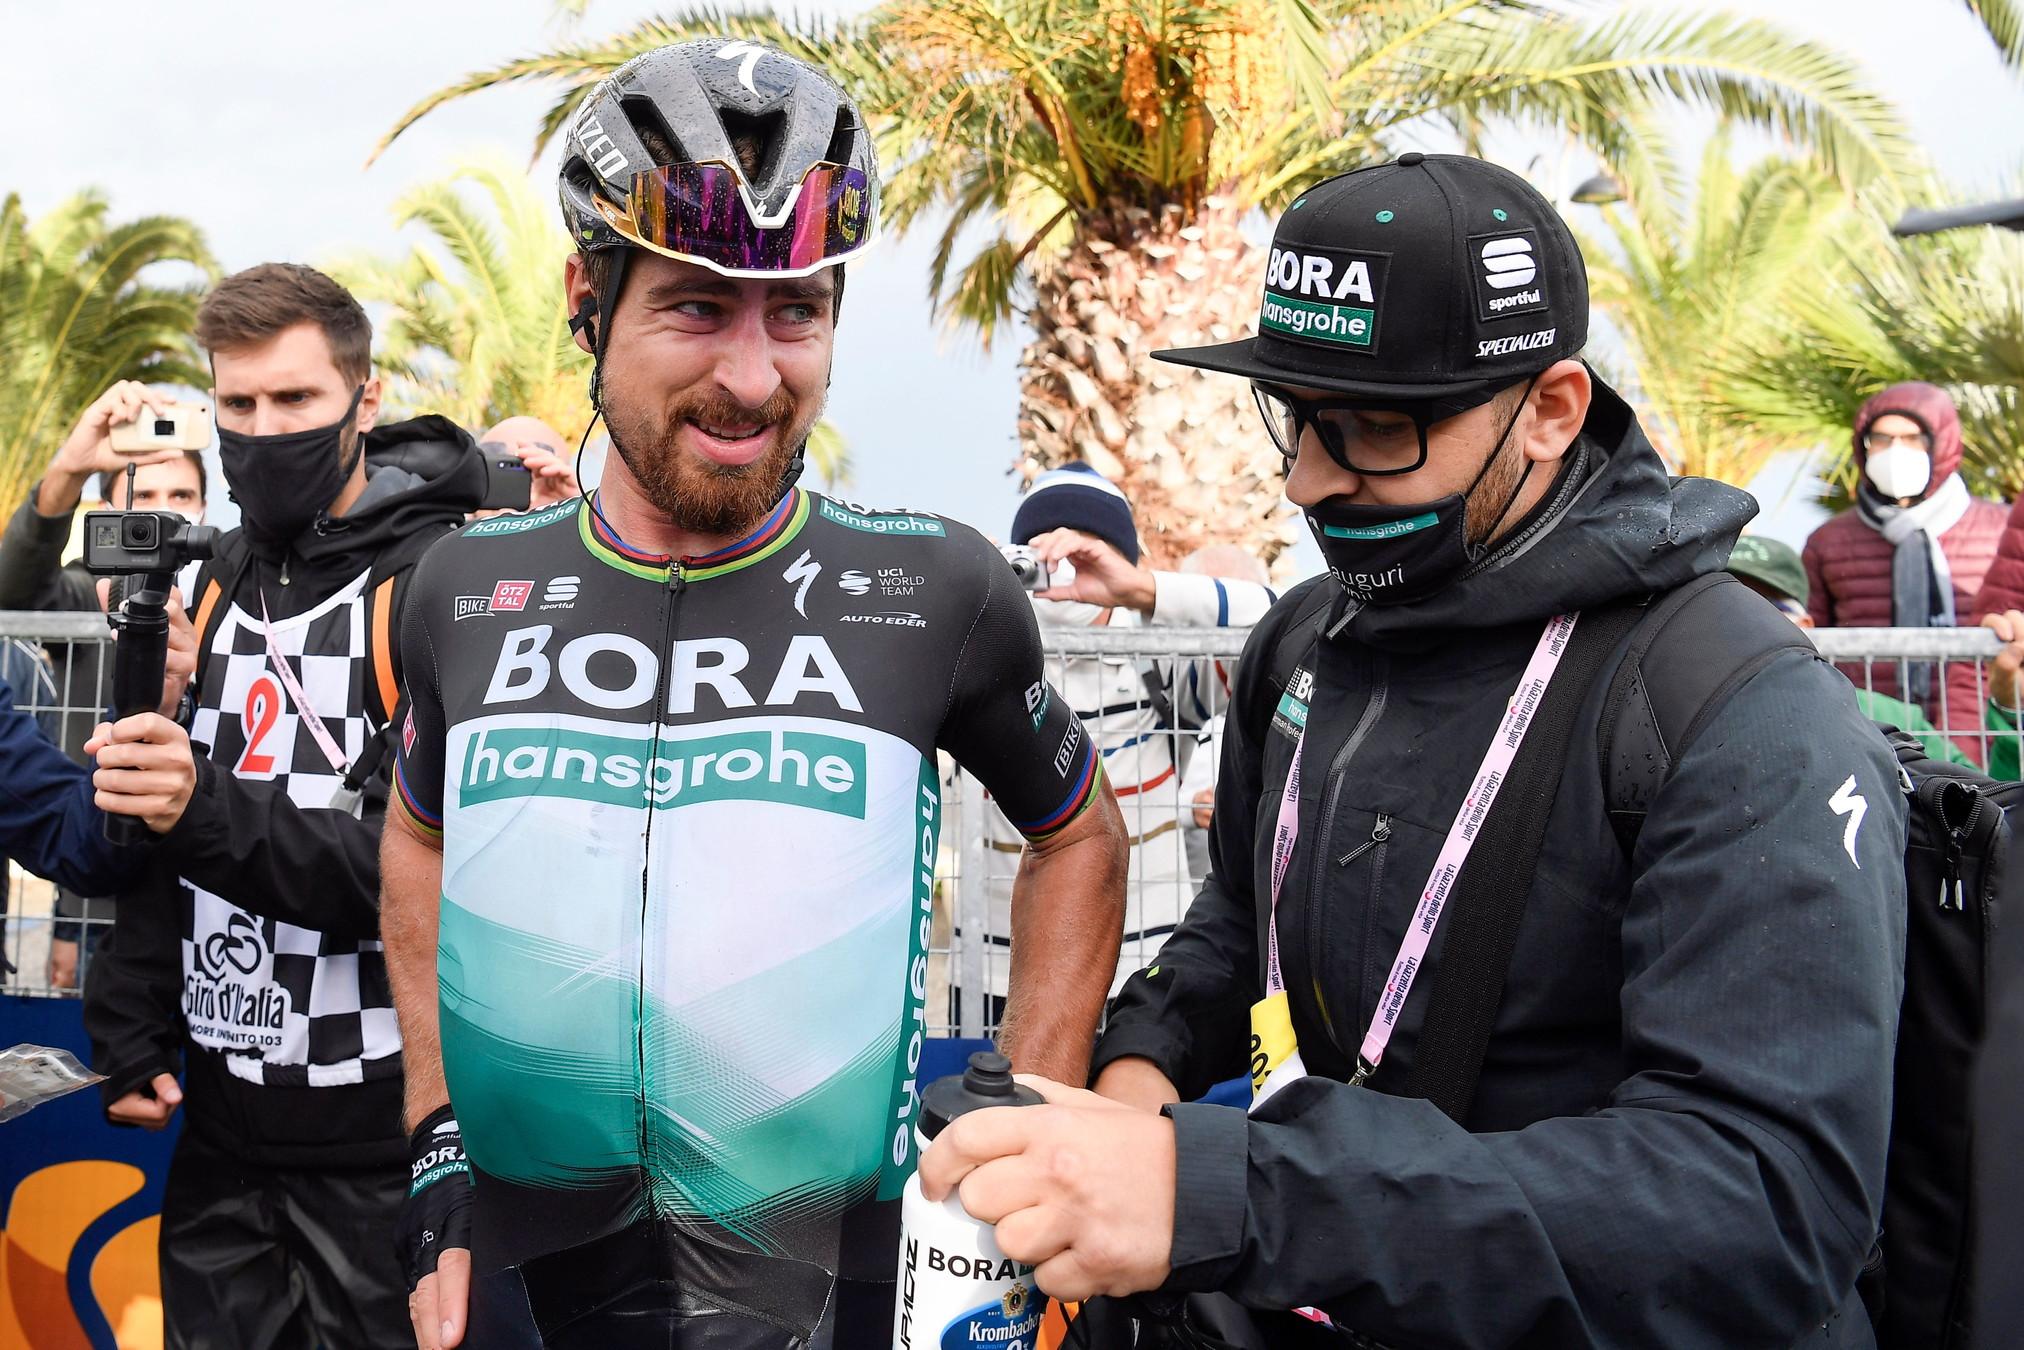 Ci sarà il tre volte campione del mondo Peter Sagan (Bora-Hansgrohe).